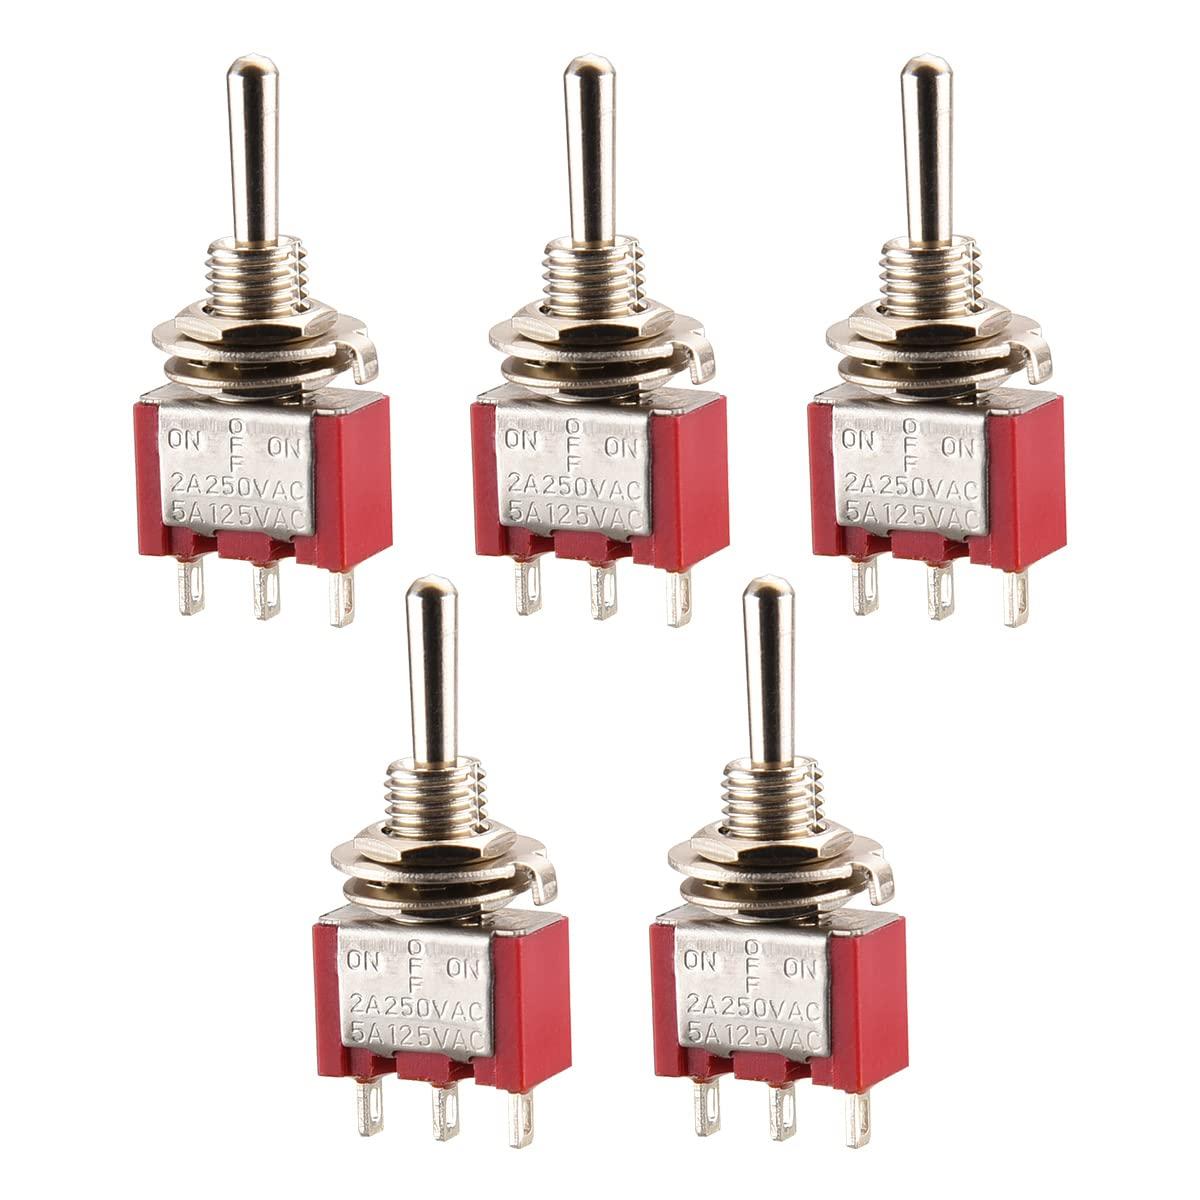 5A 120V UR gelistet 5 St/ück 2A 250V Heschen Miniatur-Kippschalter MTS-101 ON-ON SPDT 2-polig